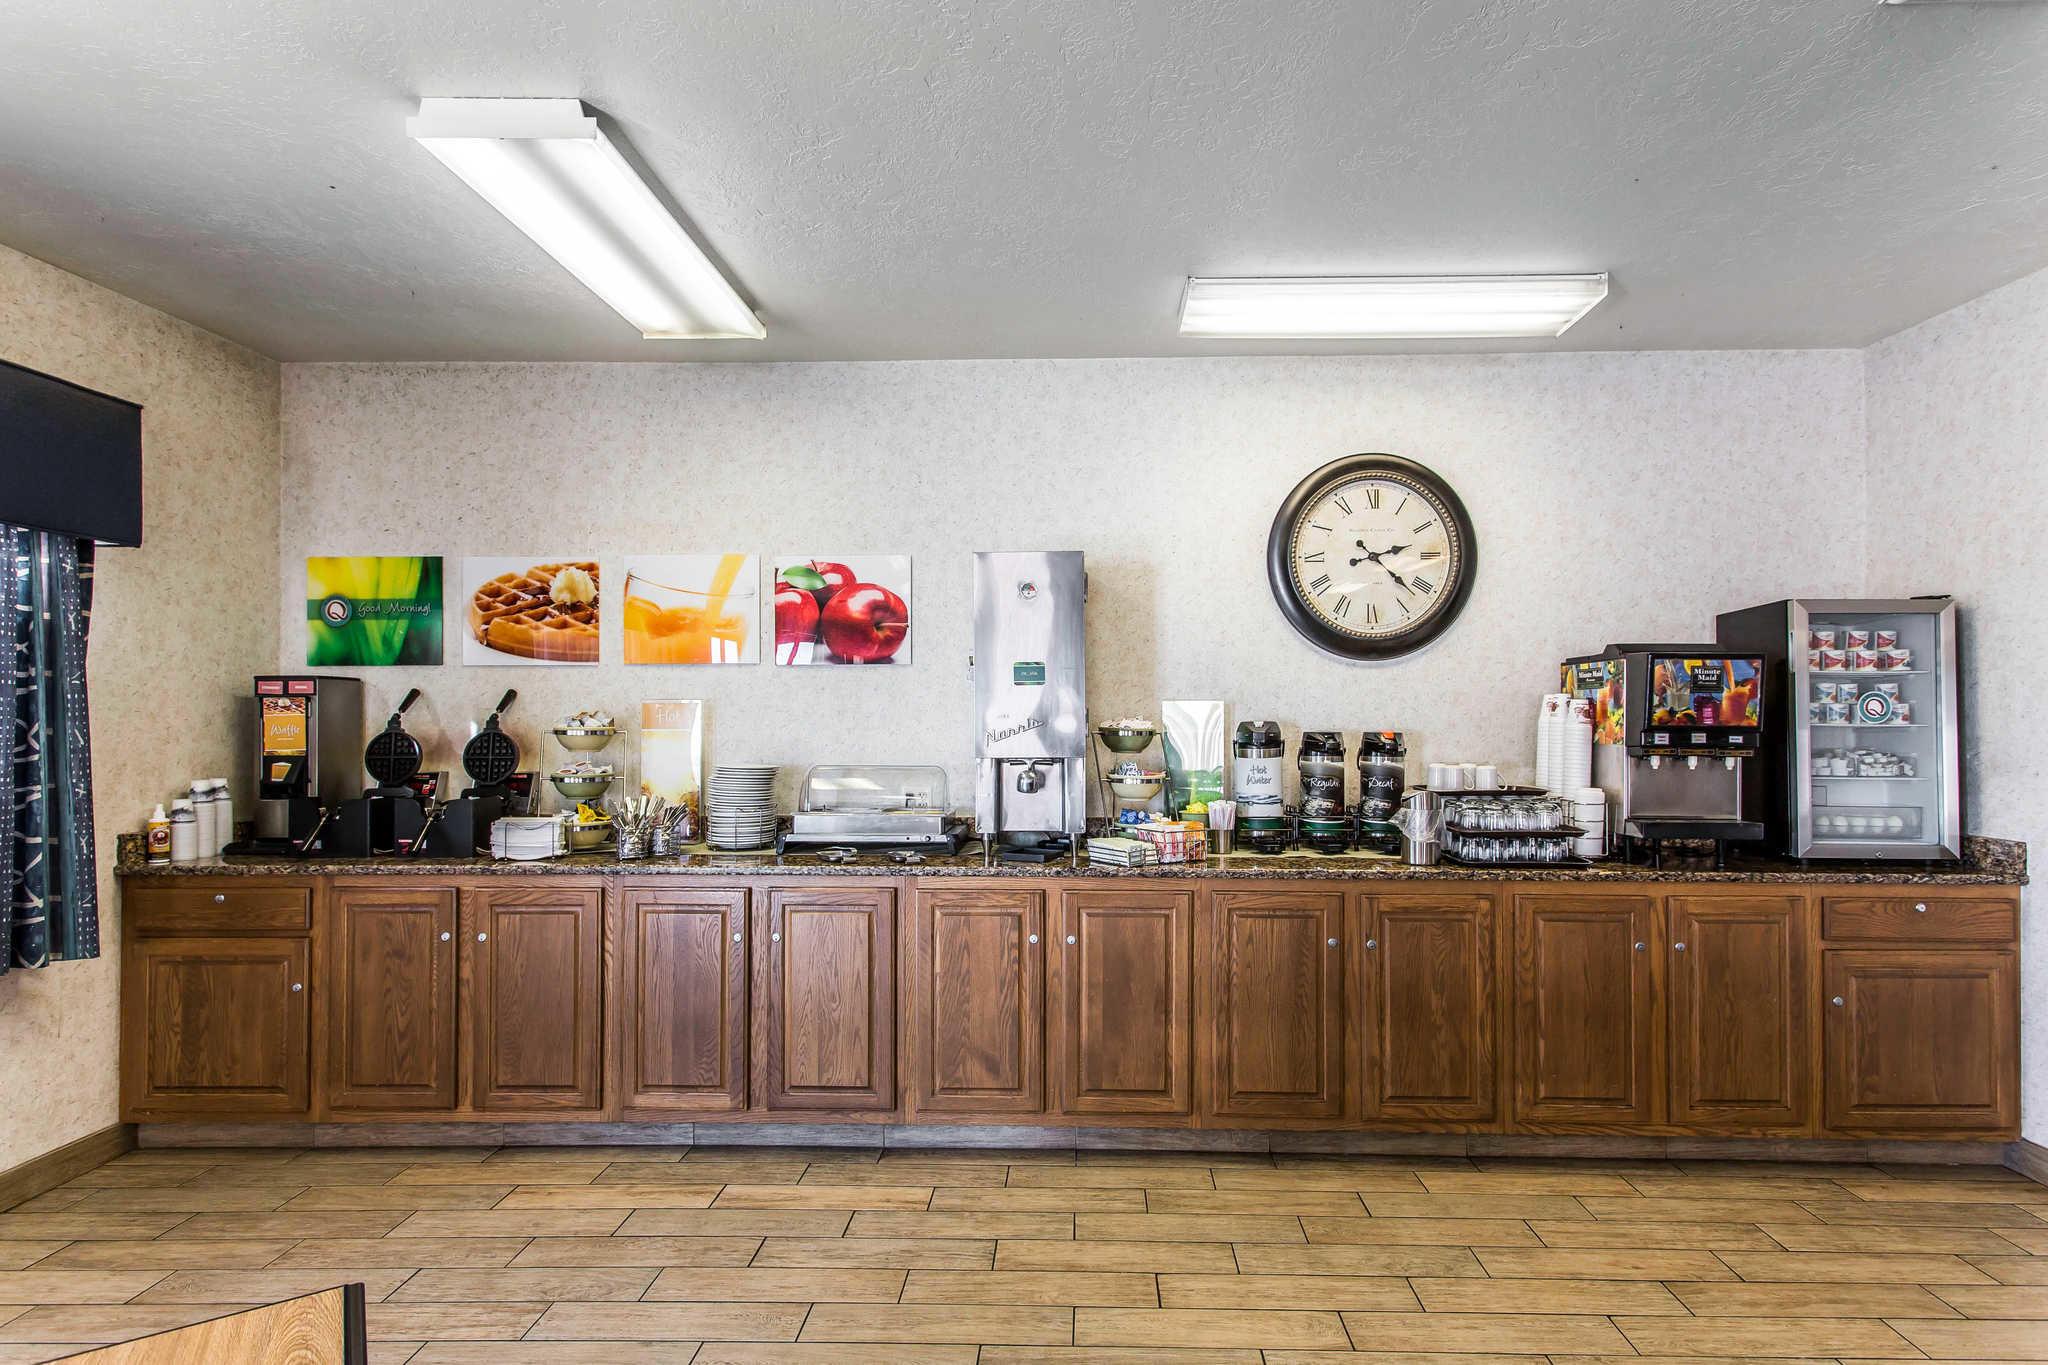 Best Local Coffee In Cheyenne Wy